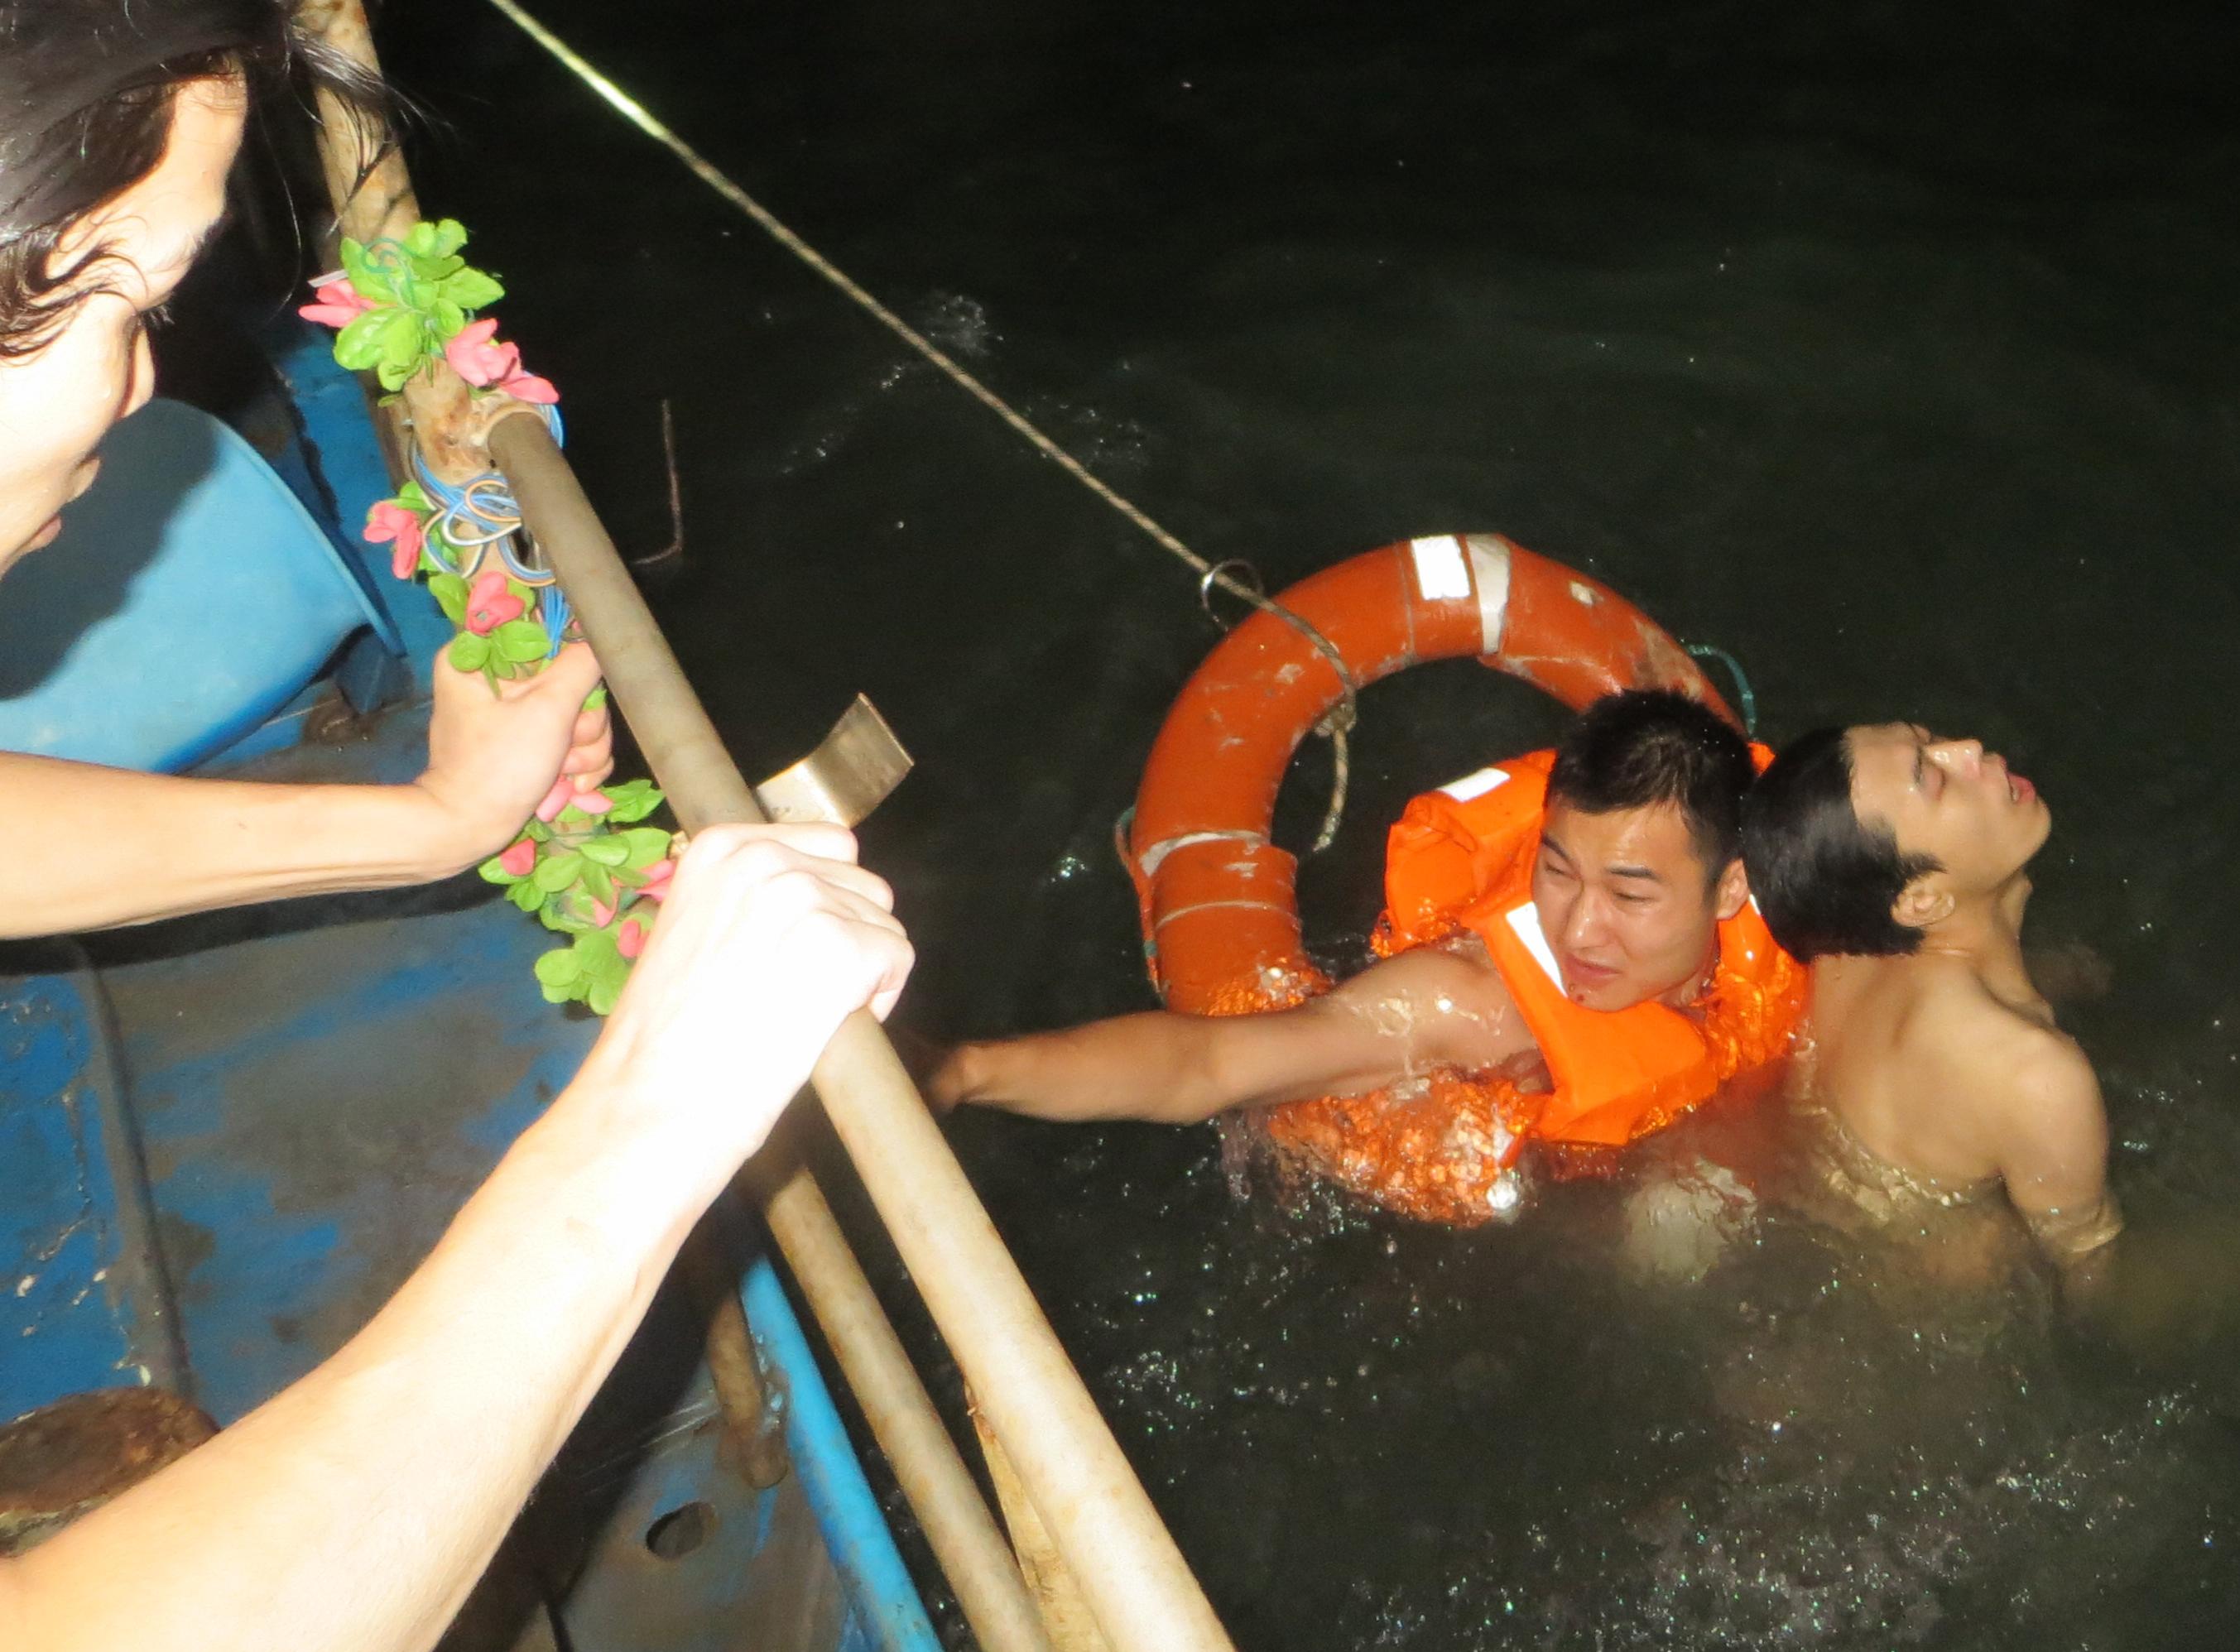 晋石交界海域5男子深夜抓蟹与潮水赛跑 2人遇难